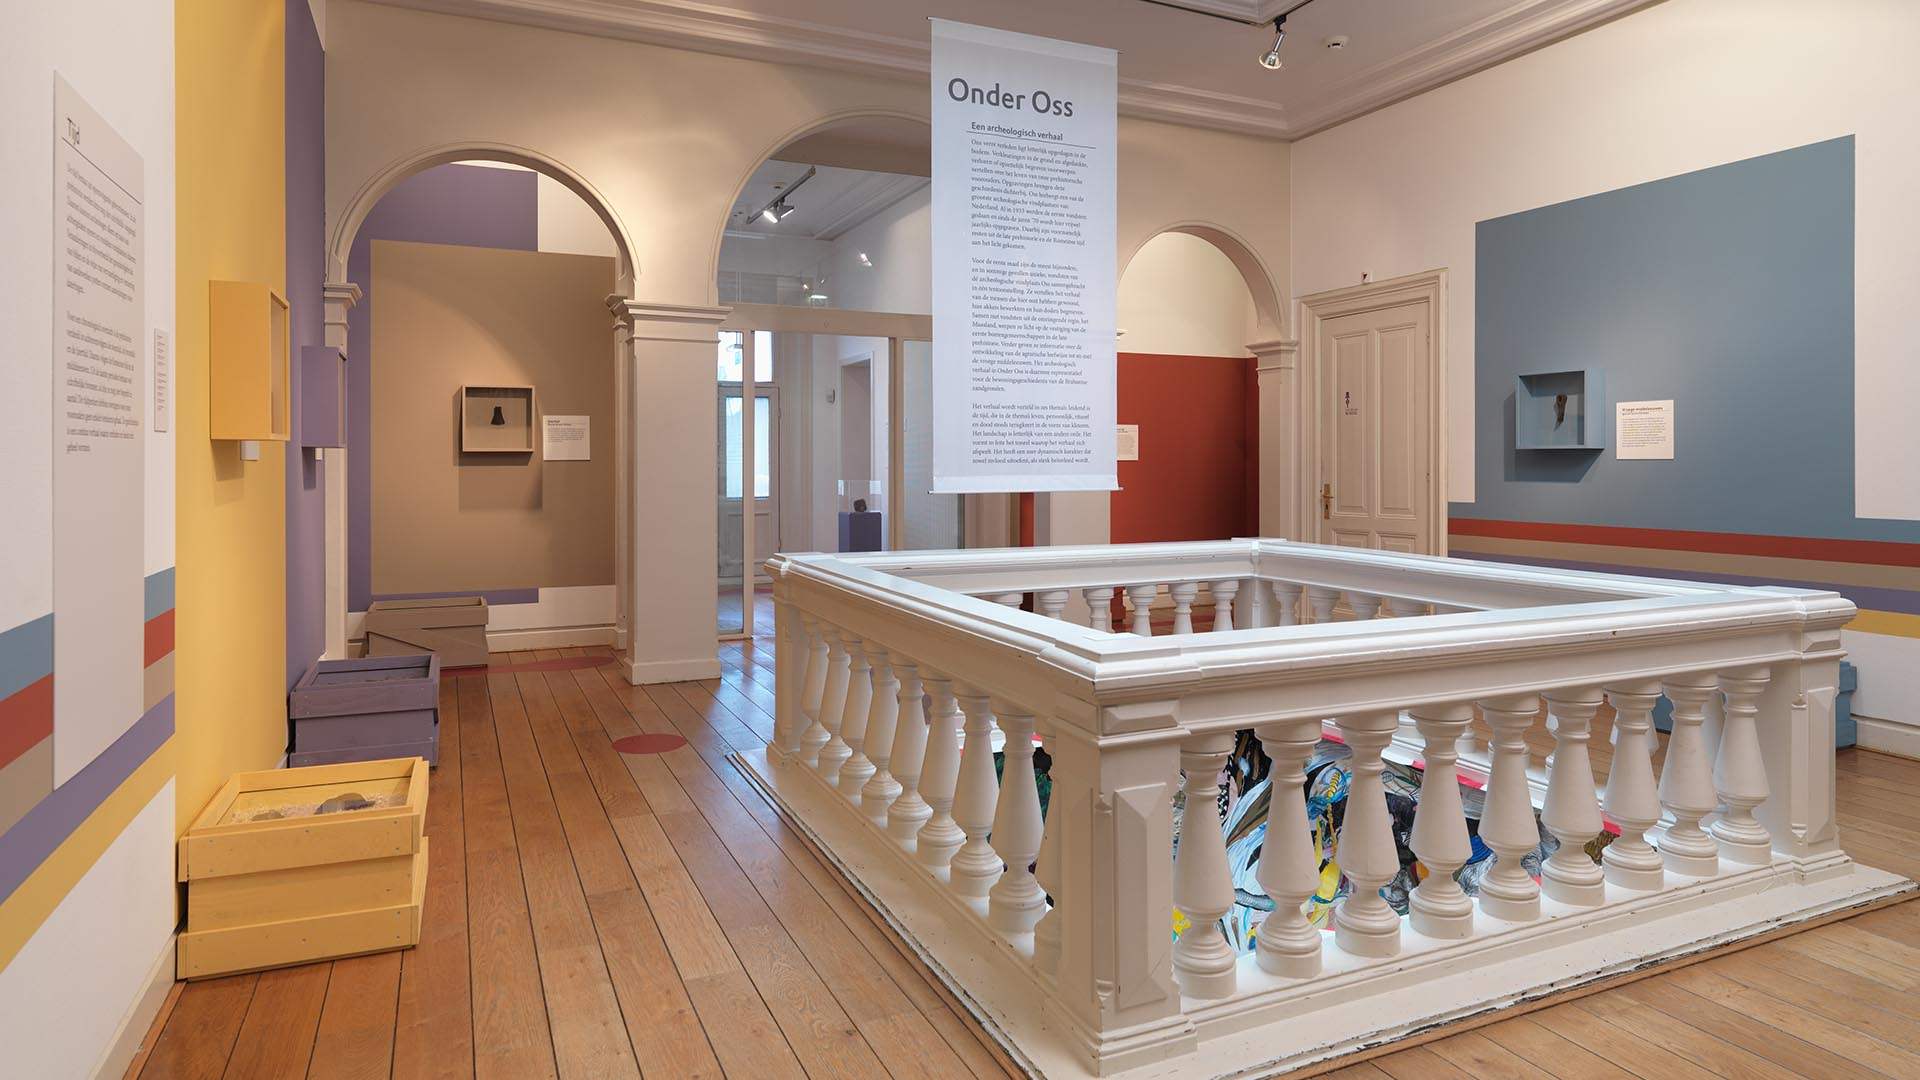 Jan Cunen Museum Onder Oss